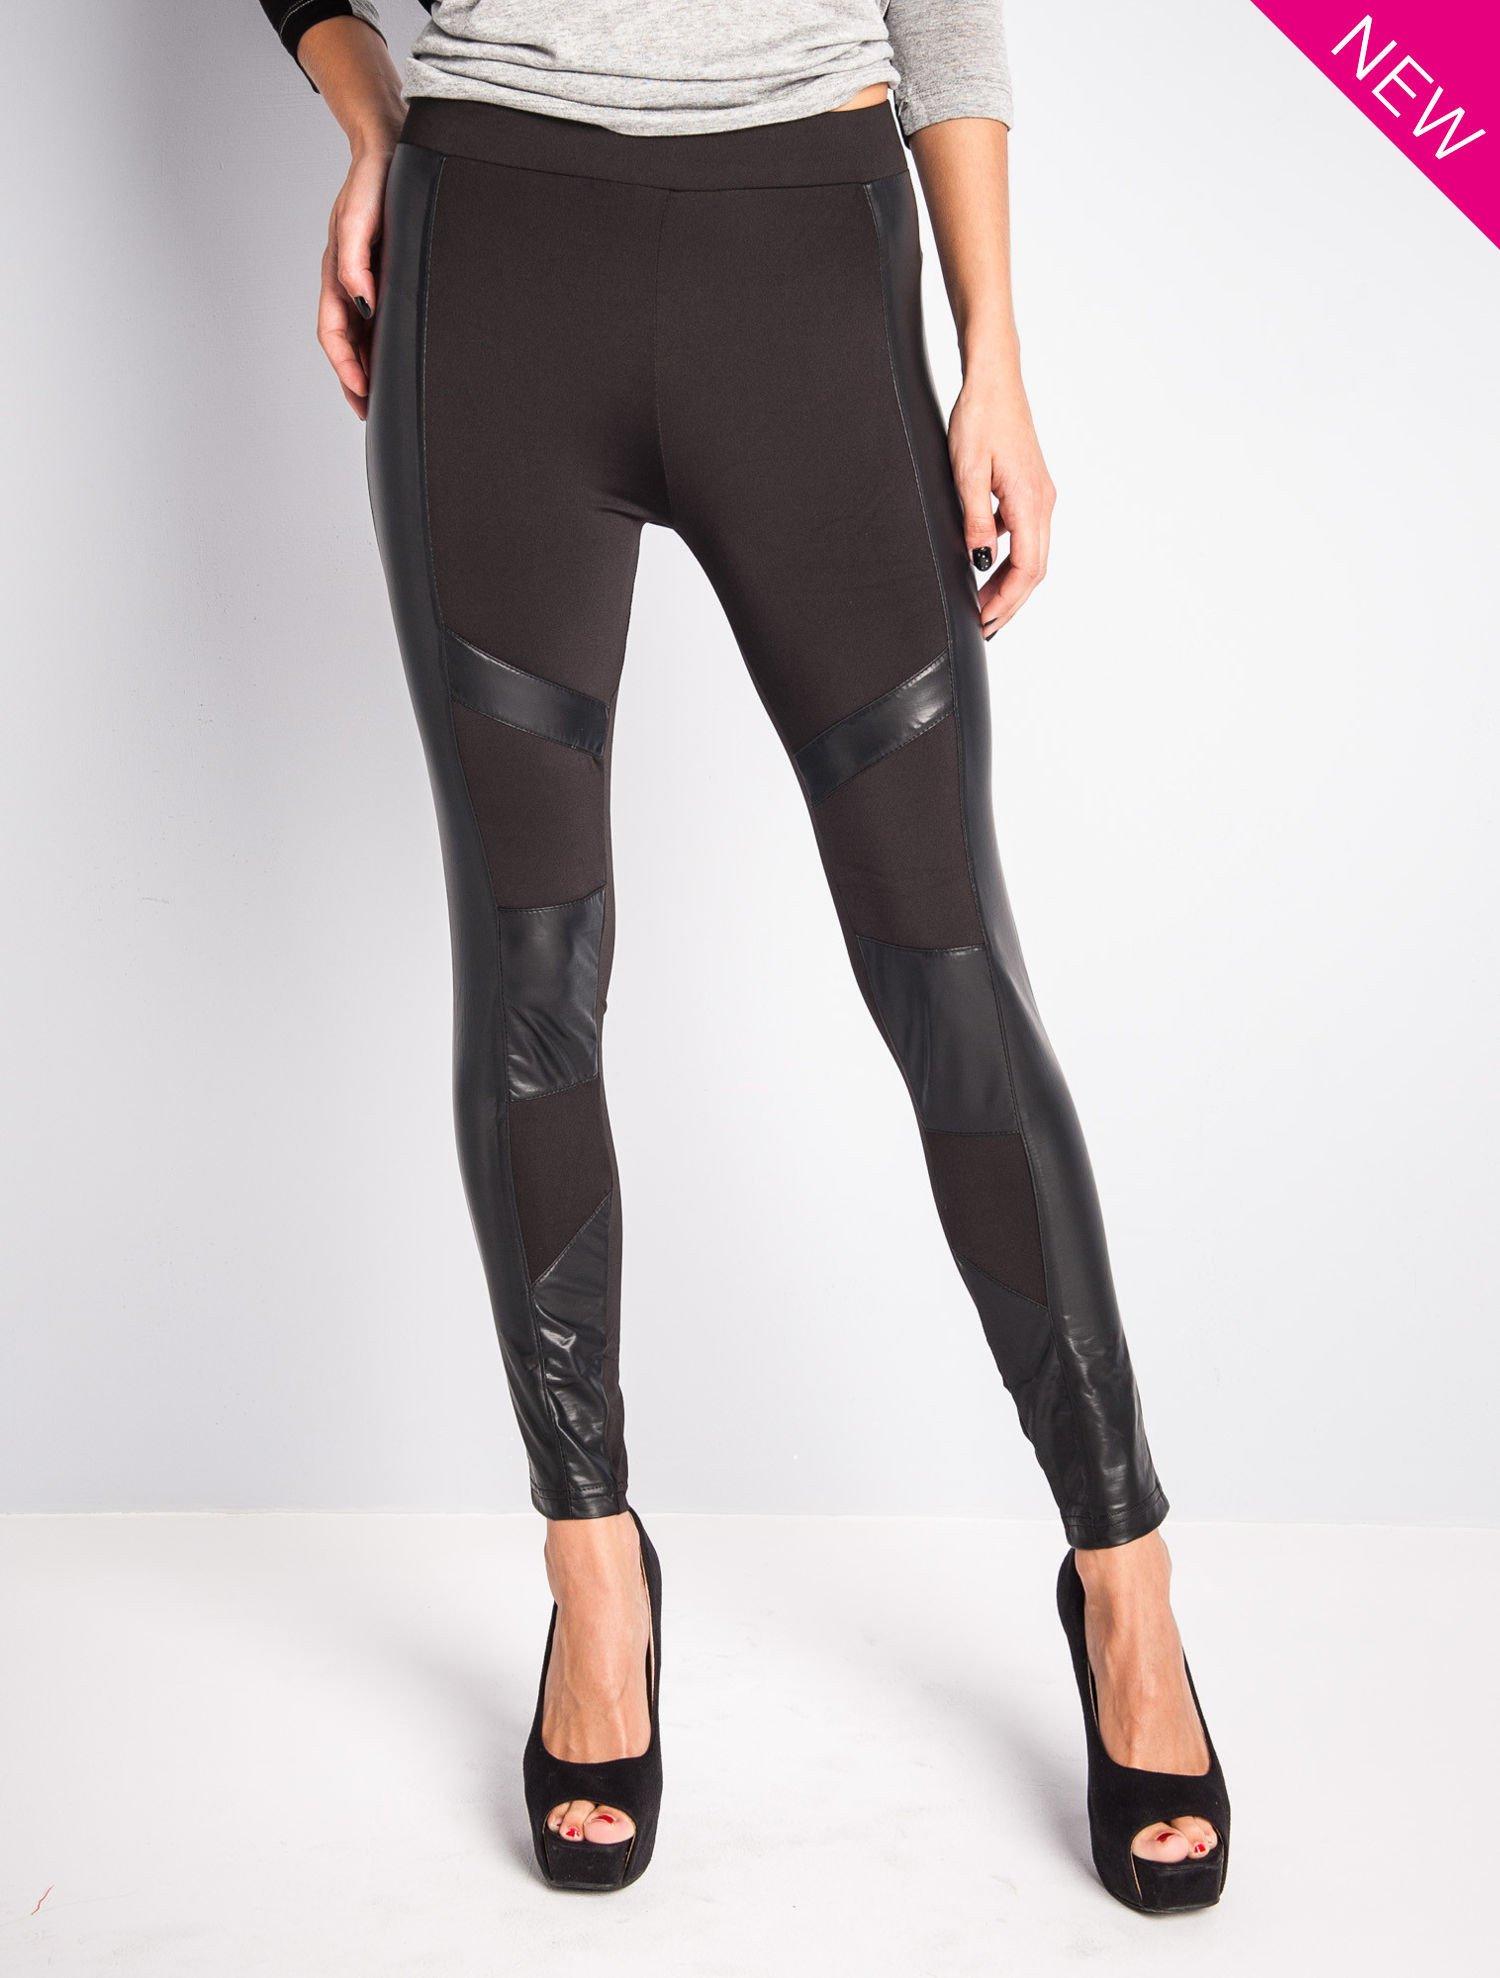 Czarne legginsy ze skórzanymi przeszyciami                                  zdj.                                  1